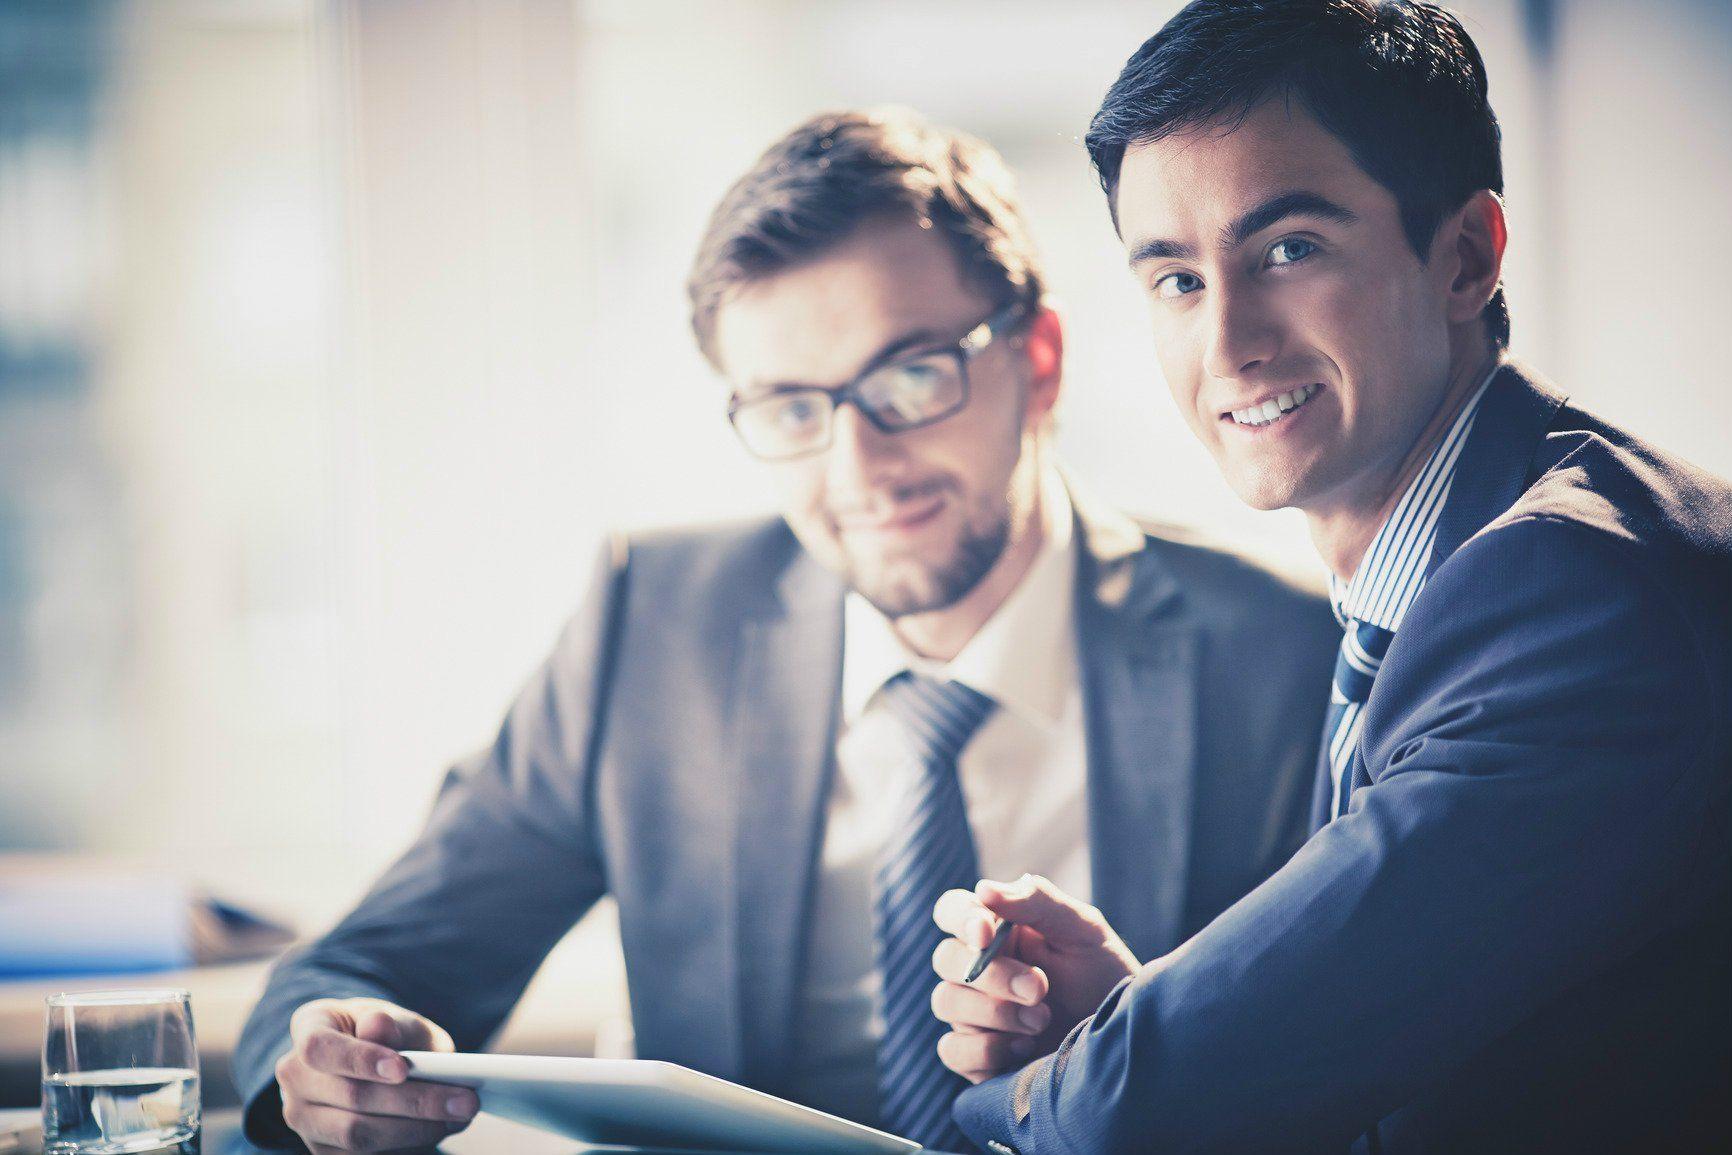 businessman-wallpaper-hd-business-man